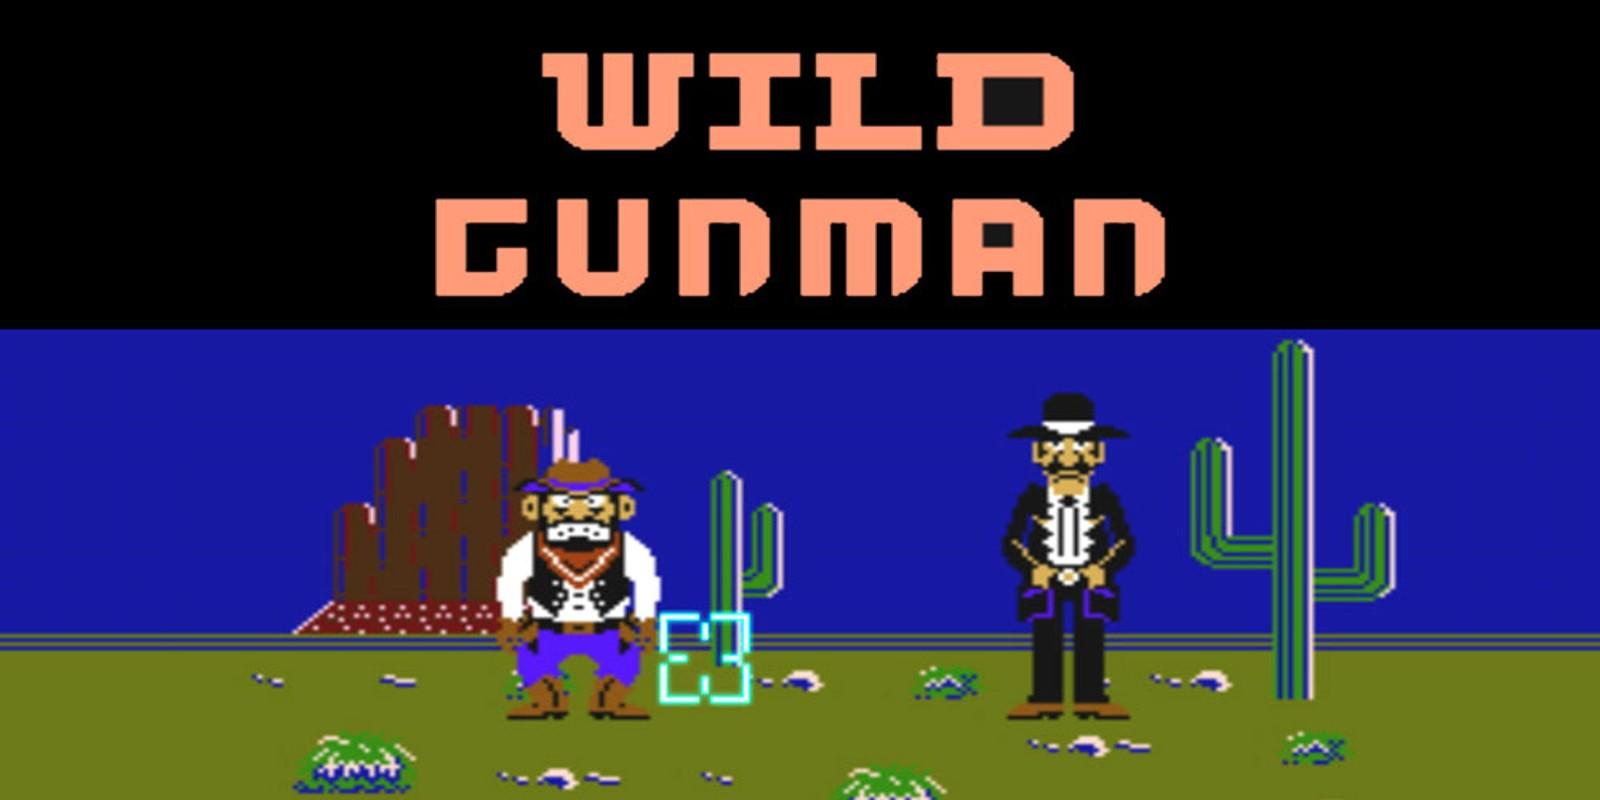 SI_WiiUVC_WildGunman_image1600w.jpg